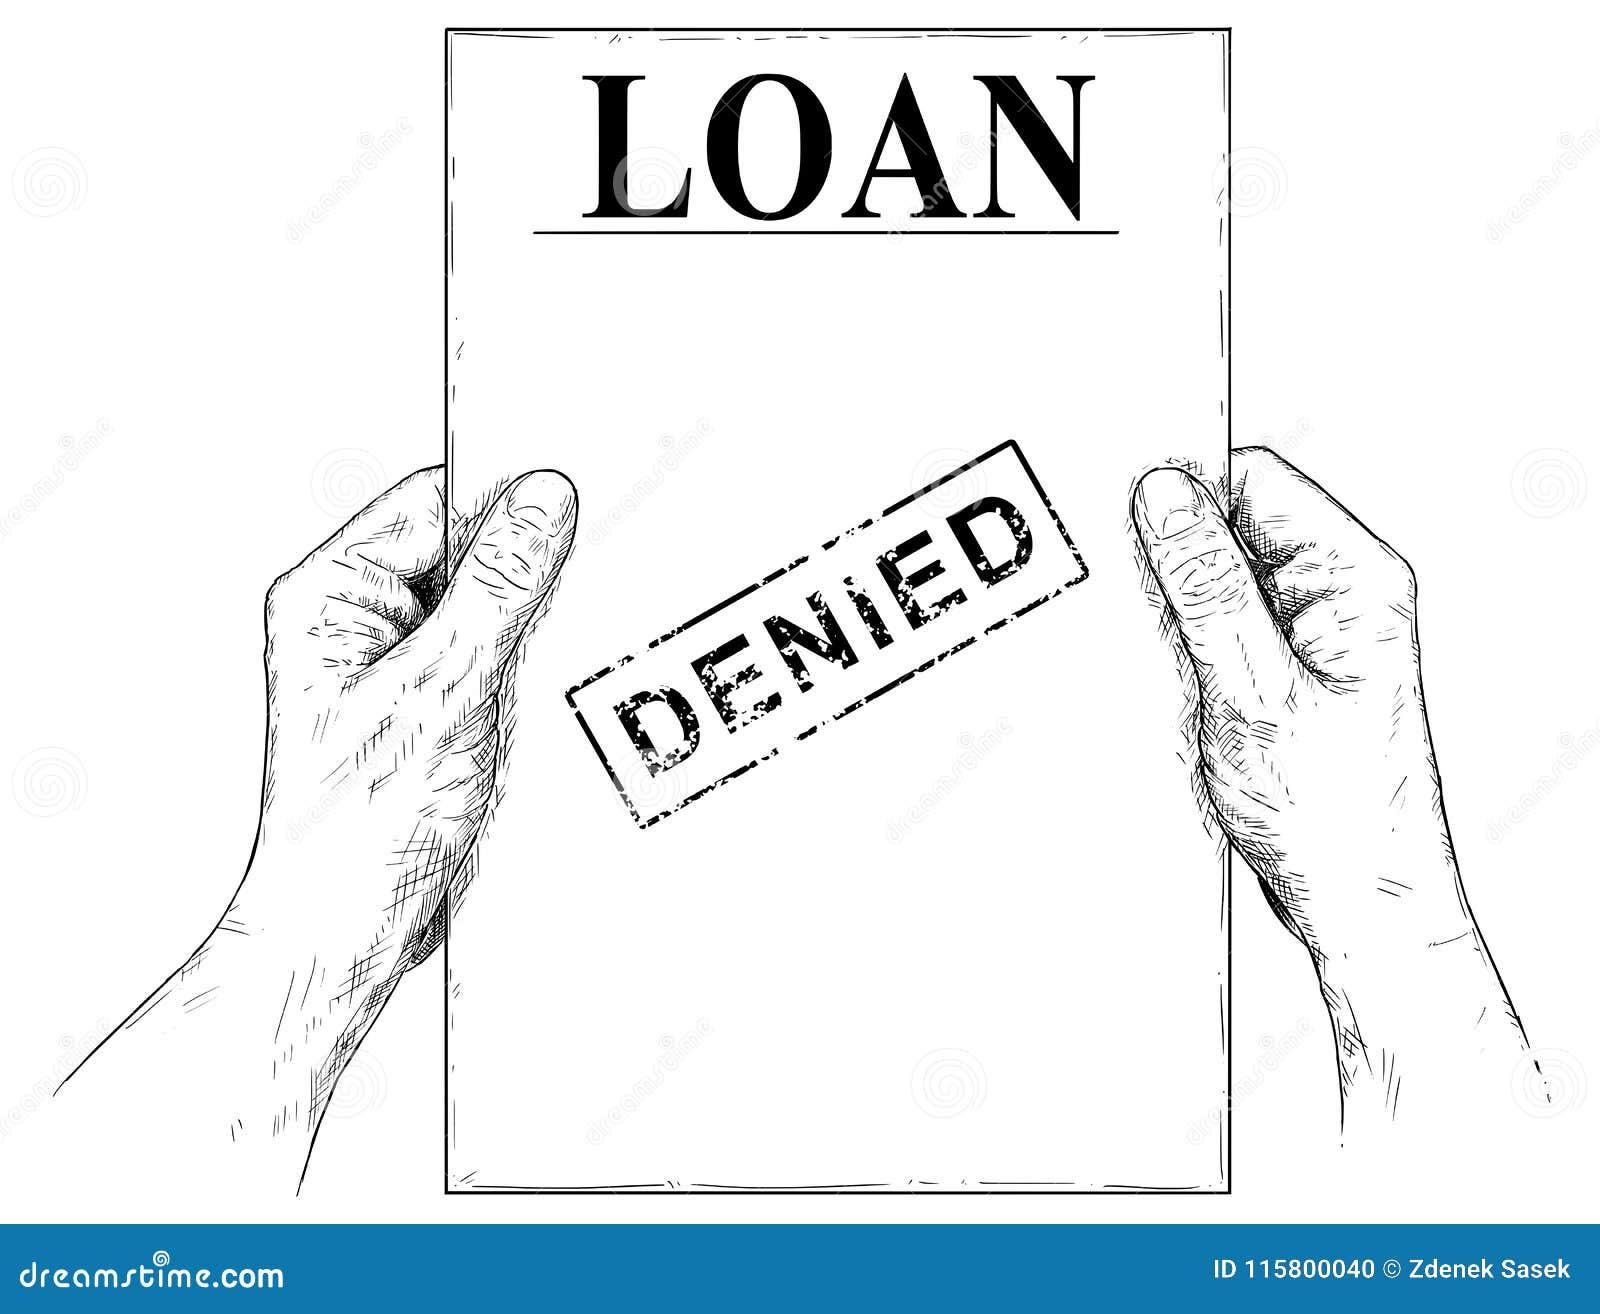 Иллюстрация вектора художнические или чертеж рук держа отказанный документ заявки на кредит